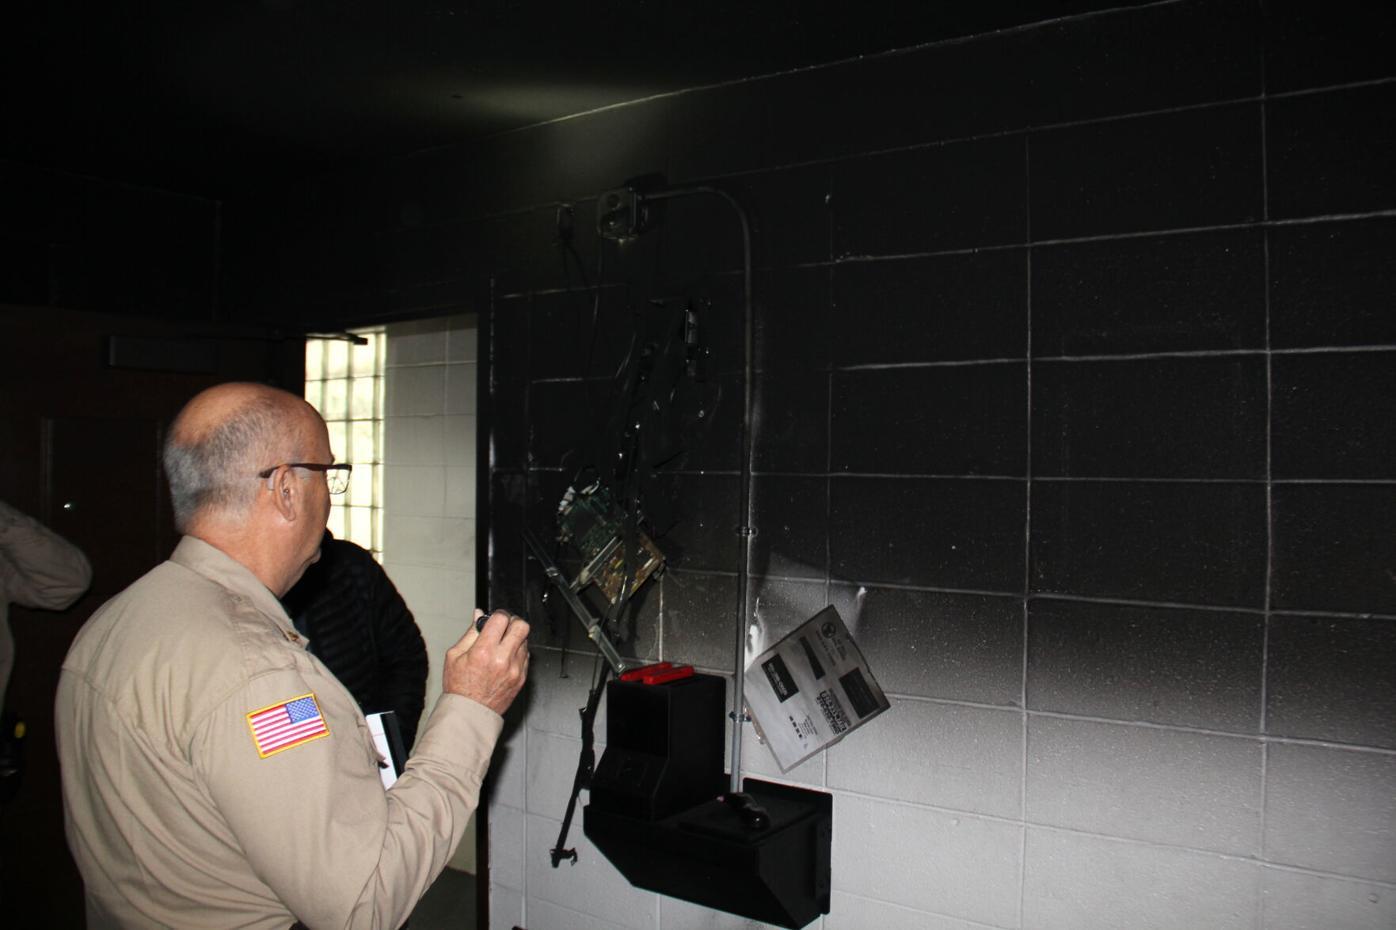 1-21-21 Jail Fire 2.JPG